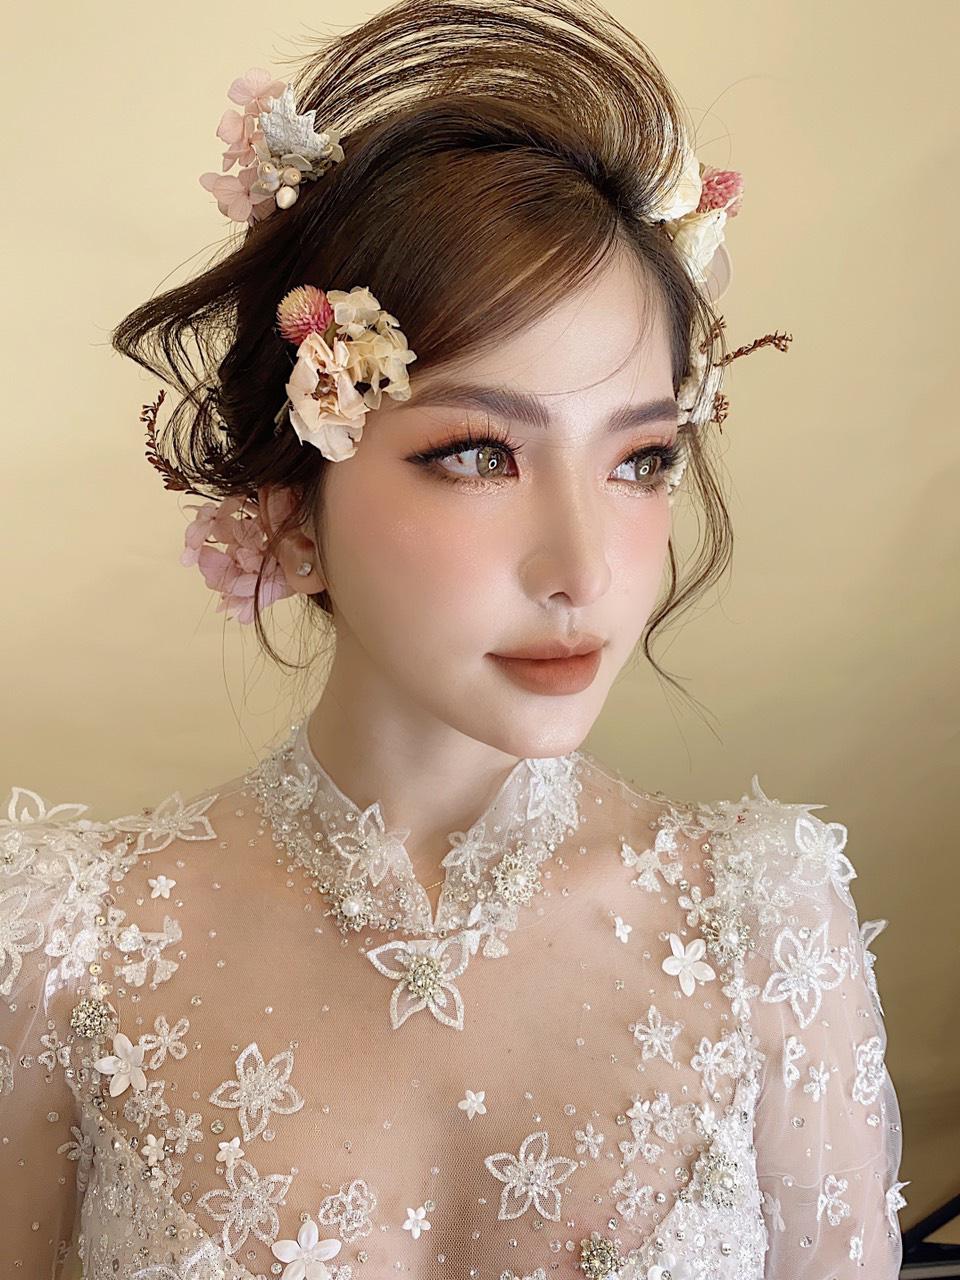 Mai Đỗ Makeup - Địa chỉ vàng mang lại diện mạo xinh đẹp lộng lẫy cho các cô dâu - Ảnh 5.